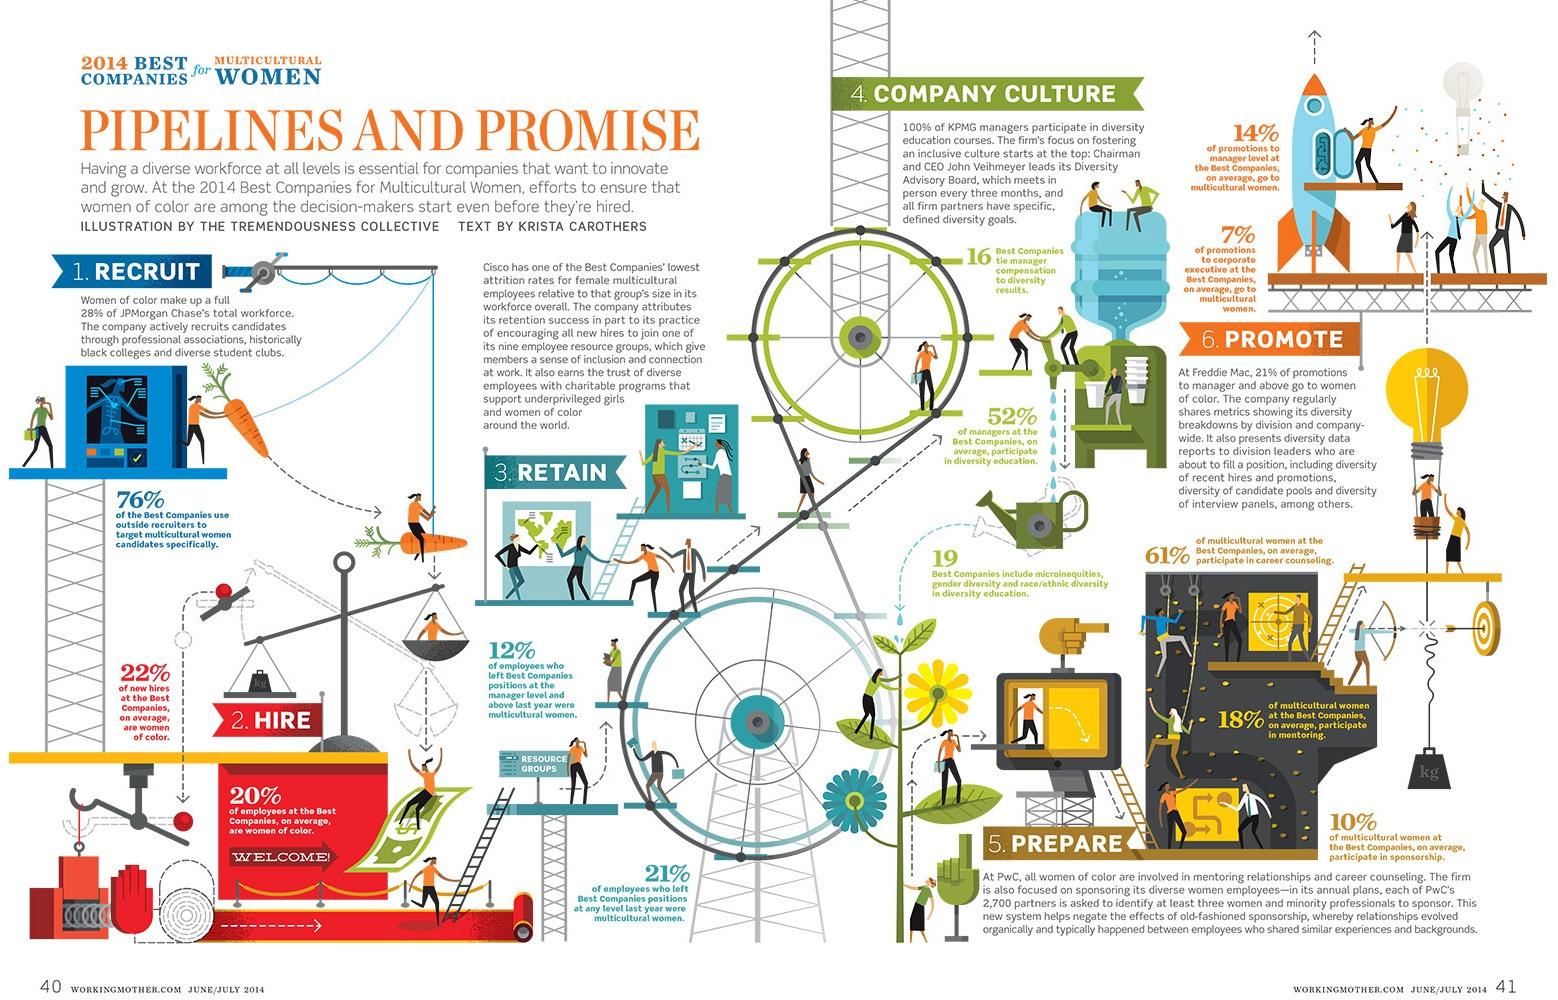 The final magazine spread